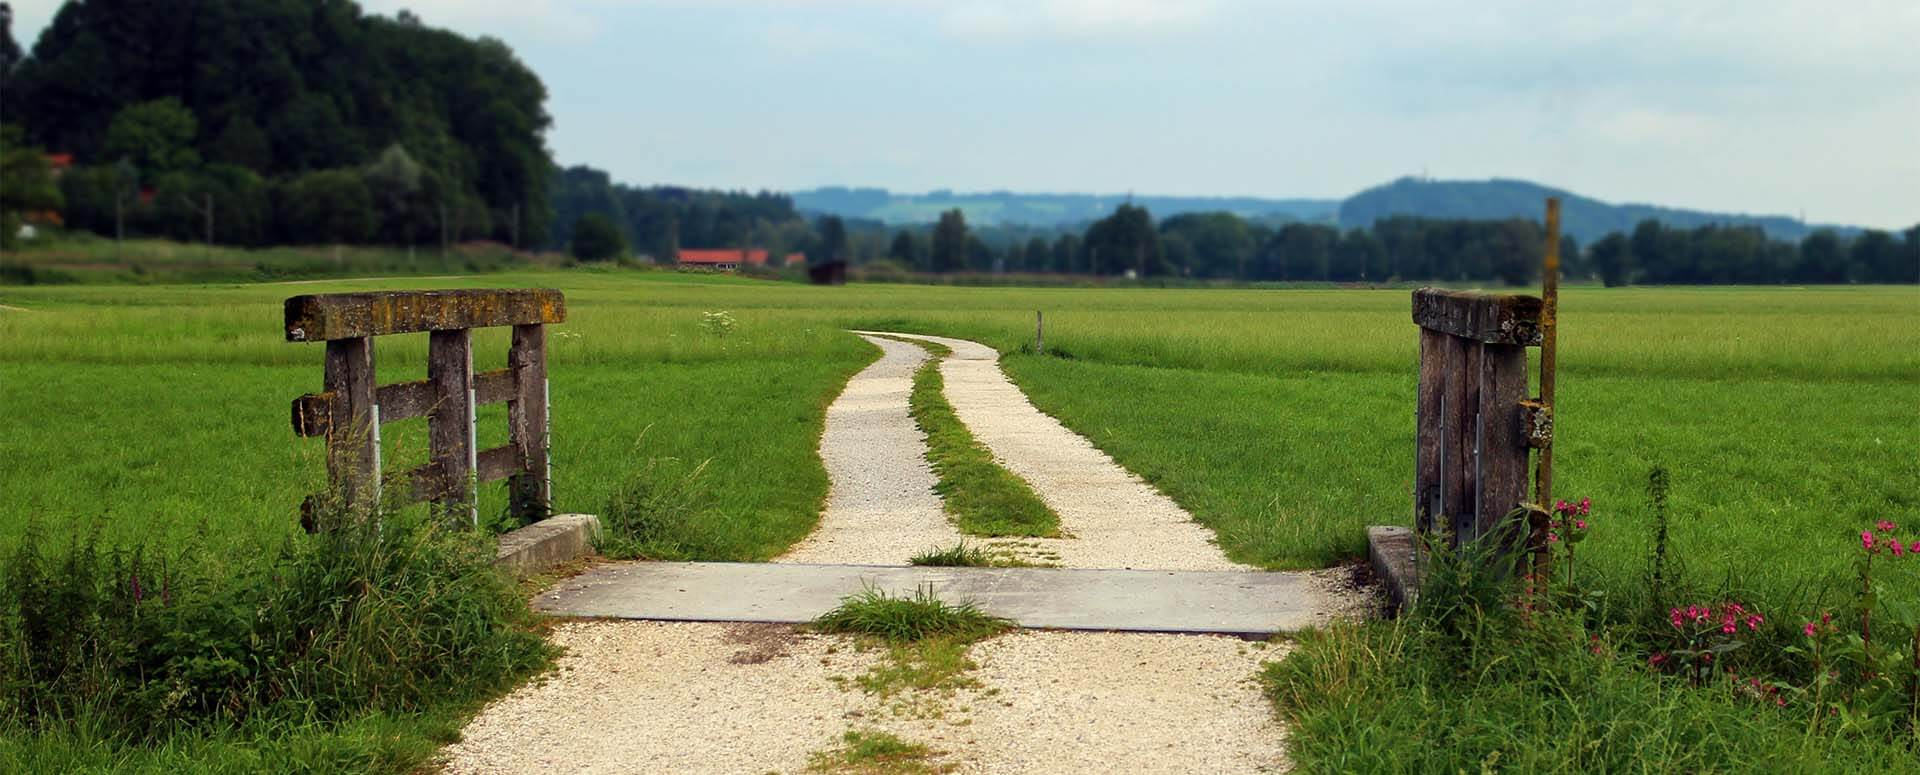 البرنامج التجريبي للهجرة الريفية والشمالية